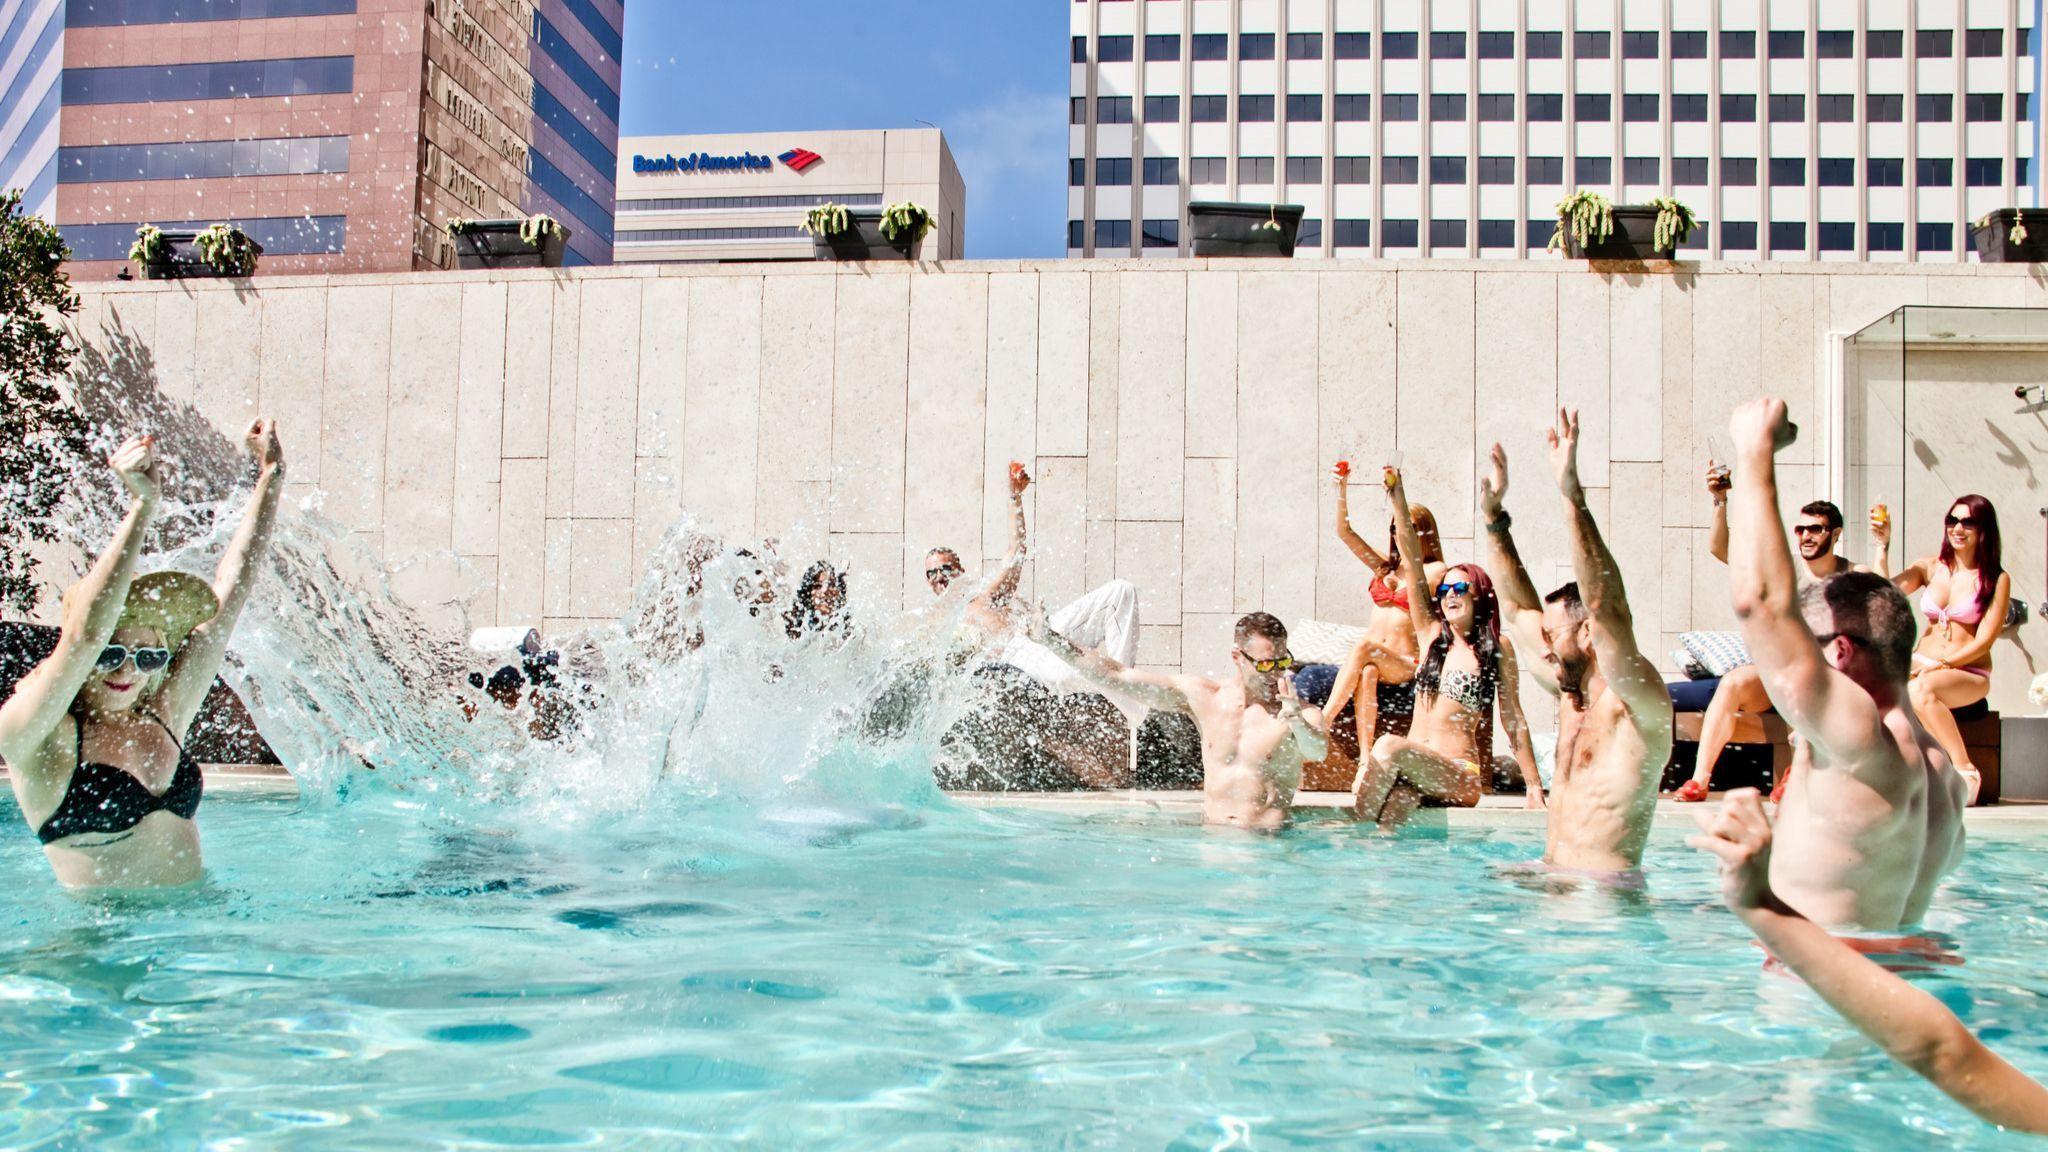 San Diego Events - SeaWorld San Diego Event Schedule ...